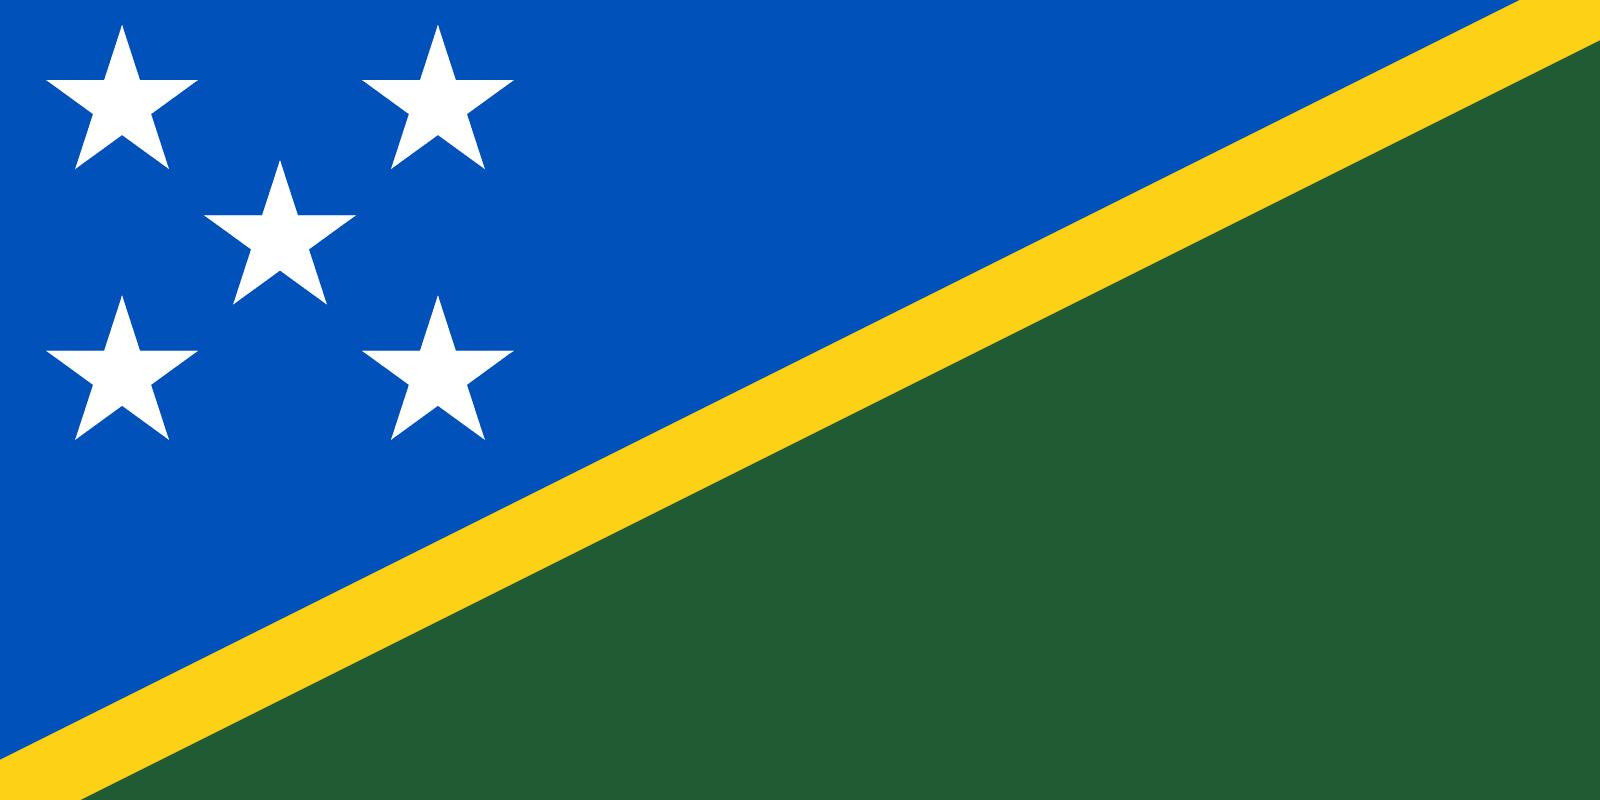 Solomon Adaları'nın Başkenti ve Para Birimi Nedir? Solomon Adaları'nın Bayrağı Nasıldır?